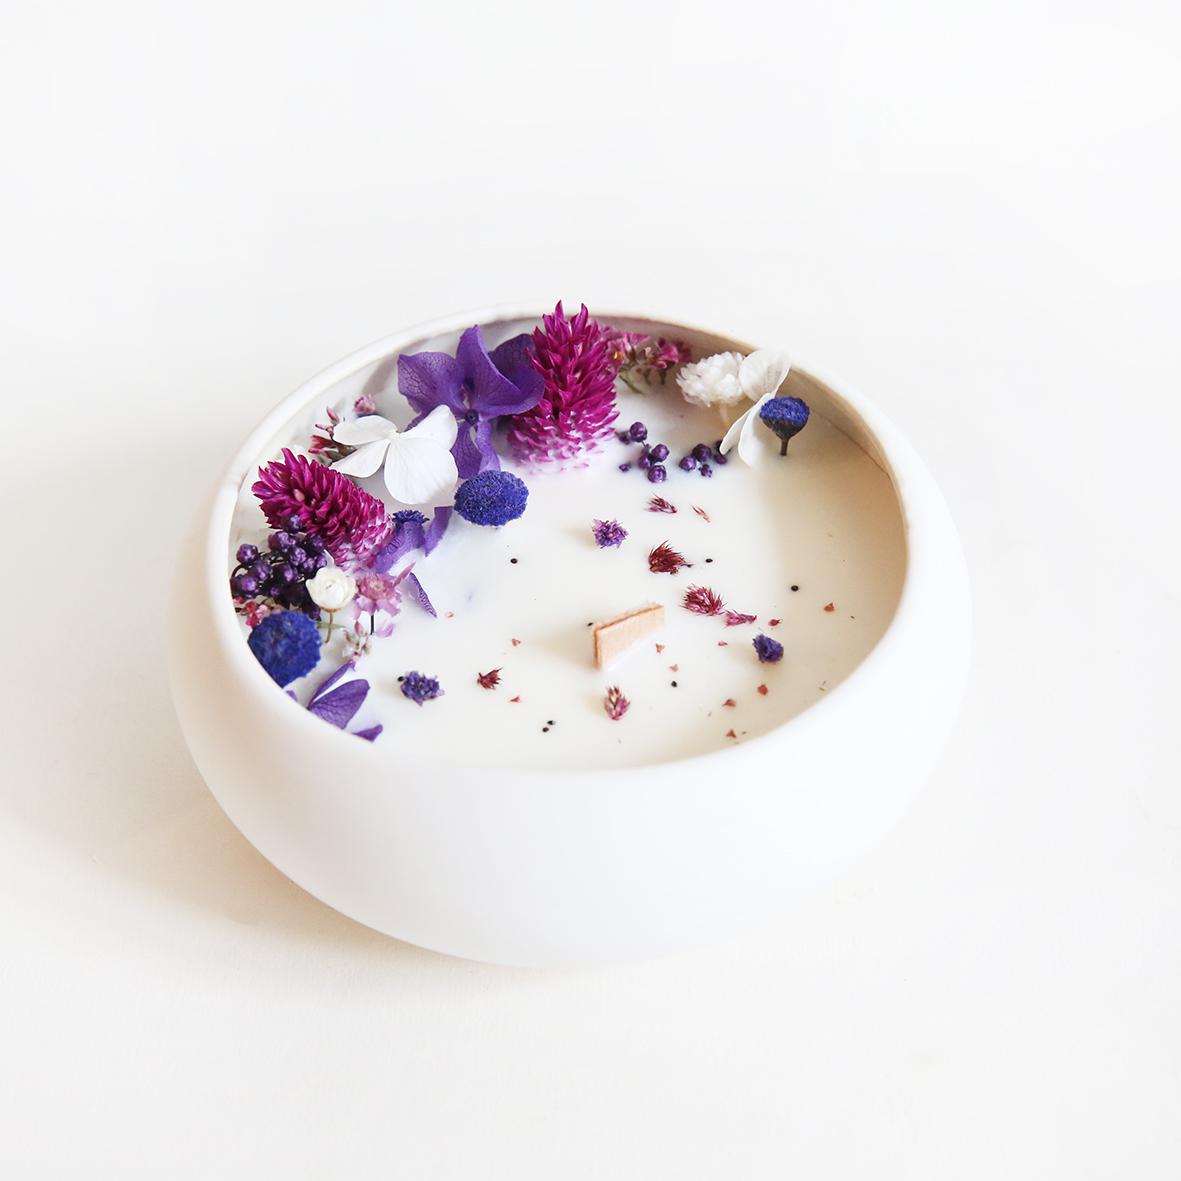 Bougie fleurie cire de soja et fleurs séchées galet violette